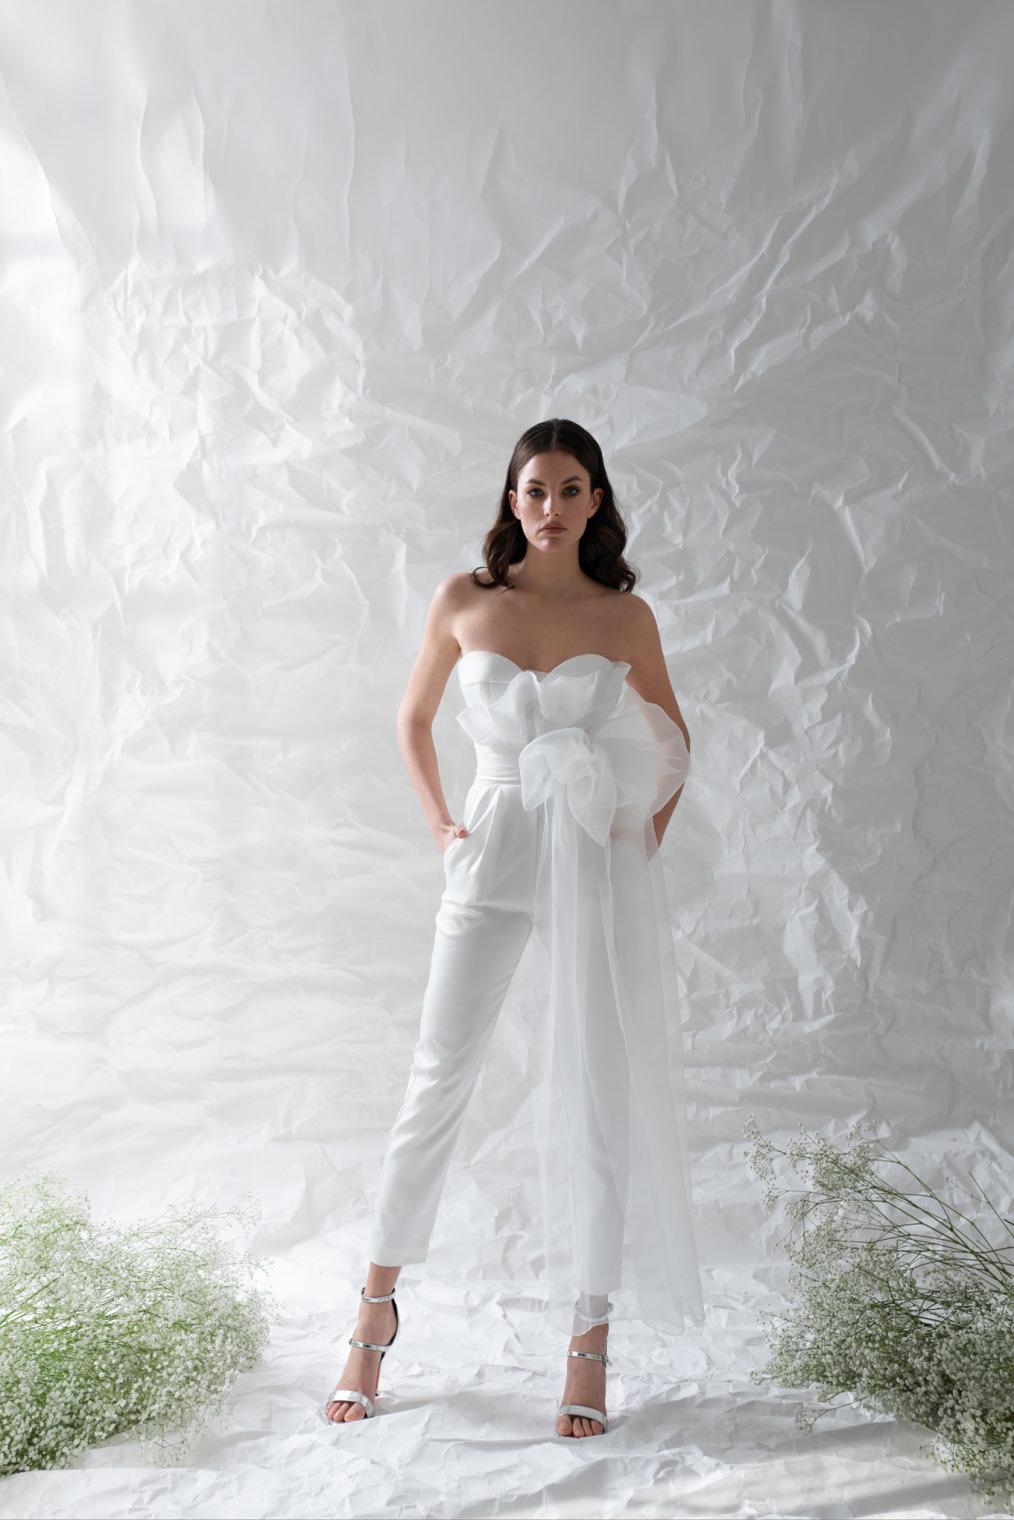 Čarobna kolekcija vjenčanica dvojca eNVy room za čudesan početak godine